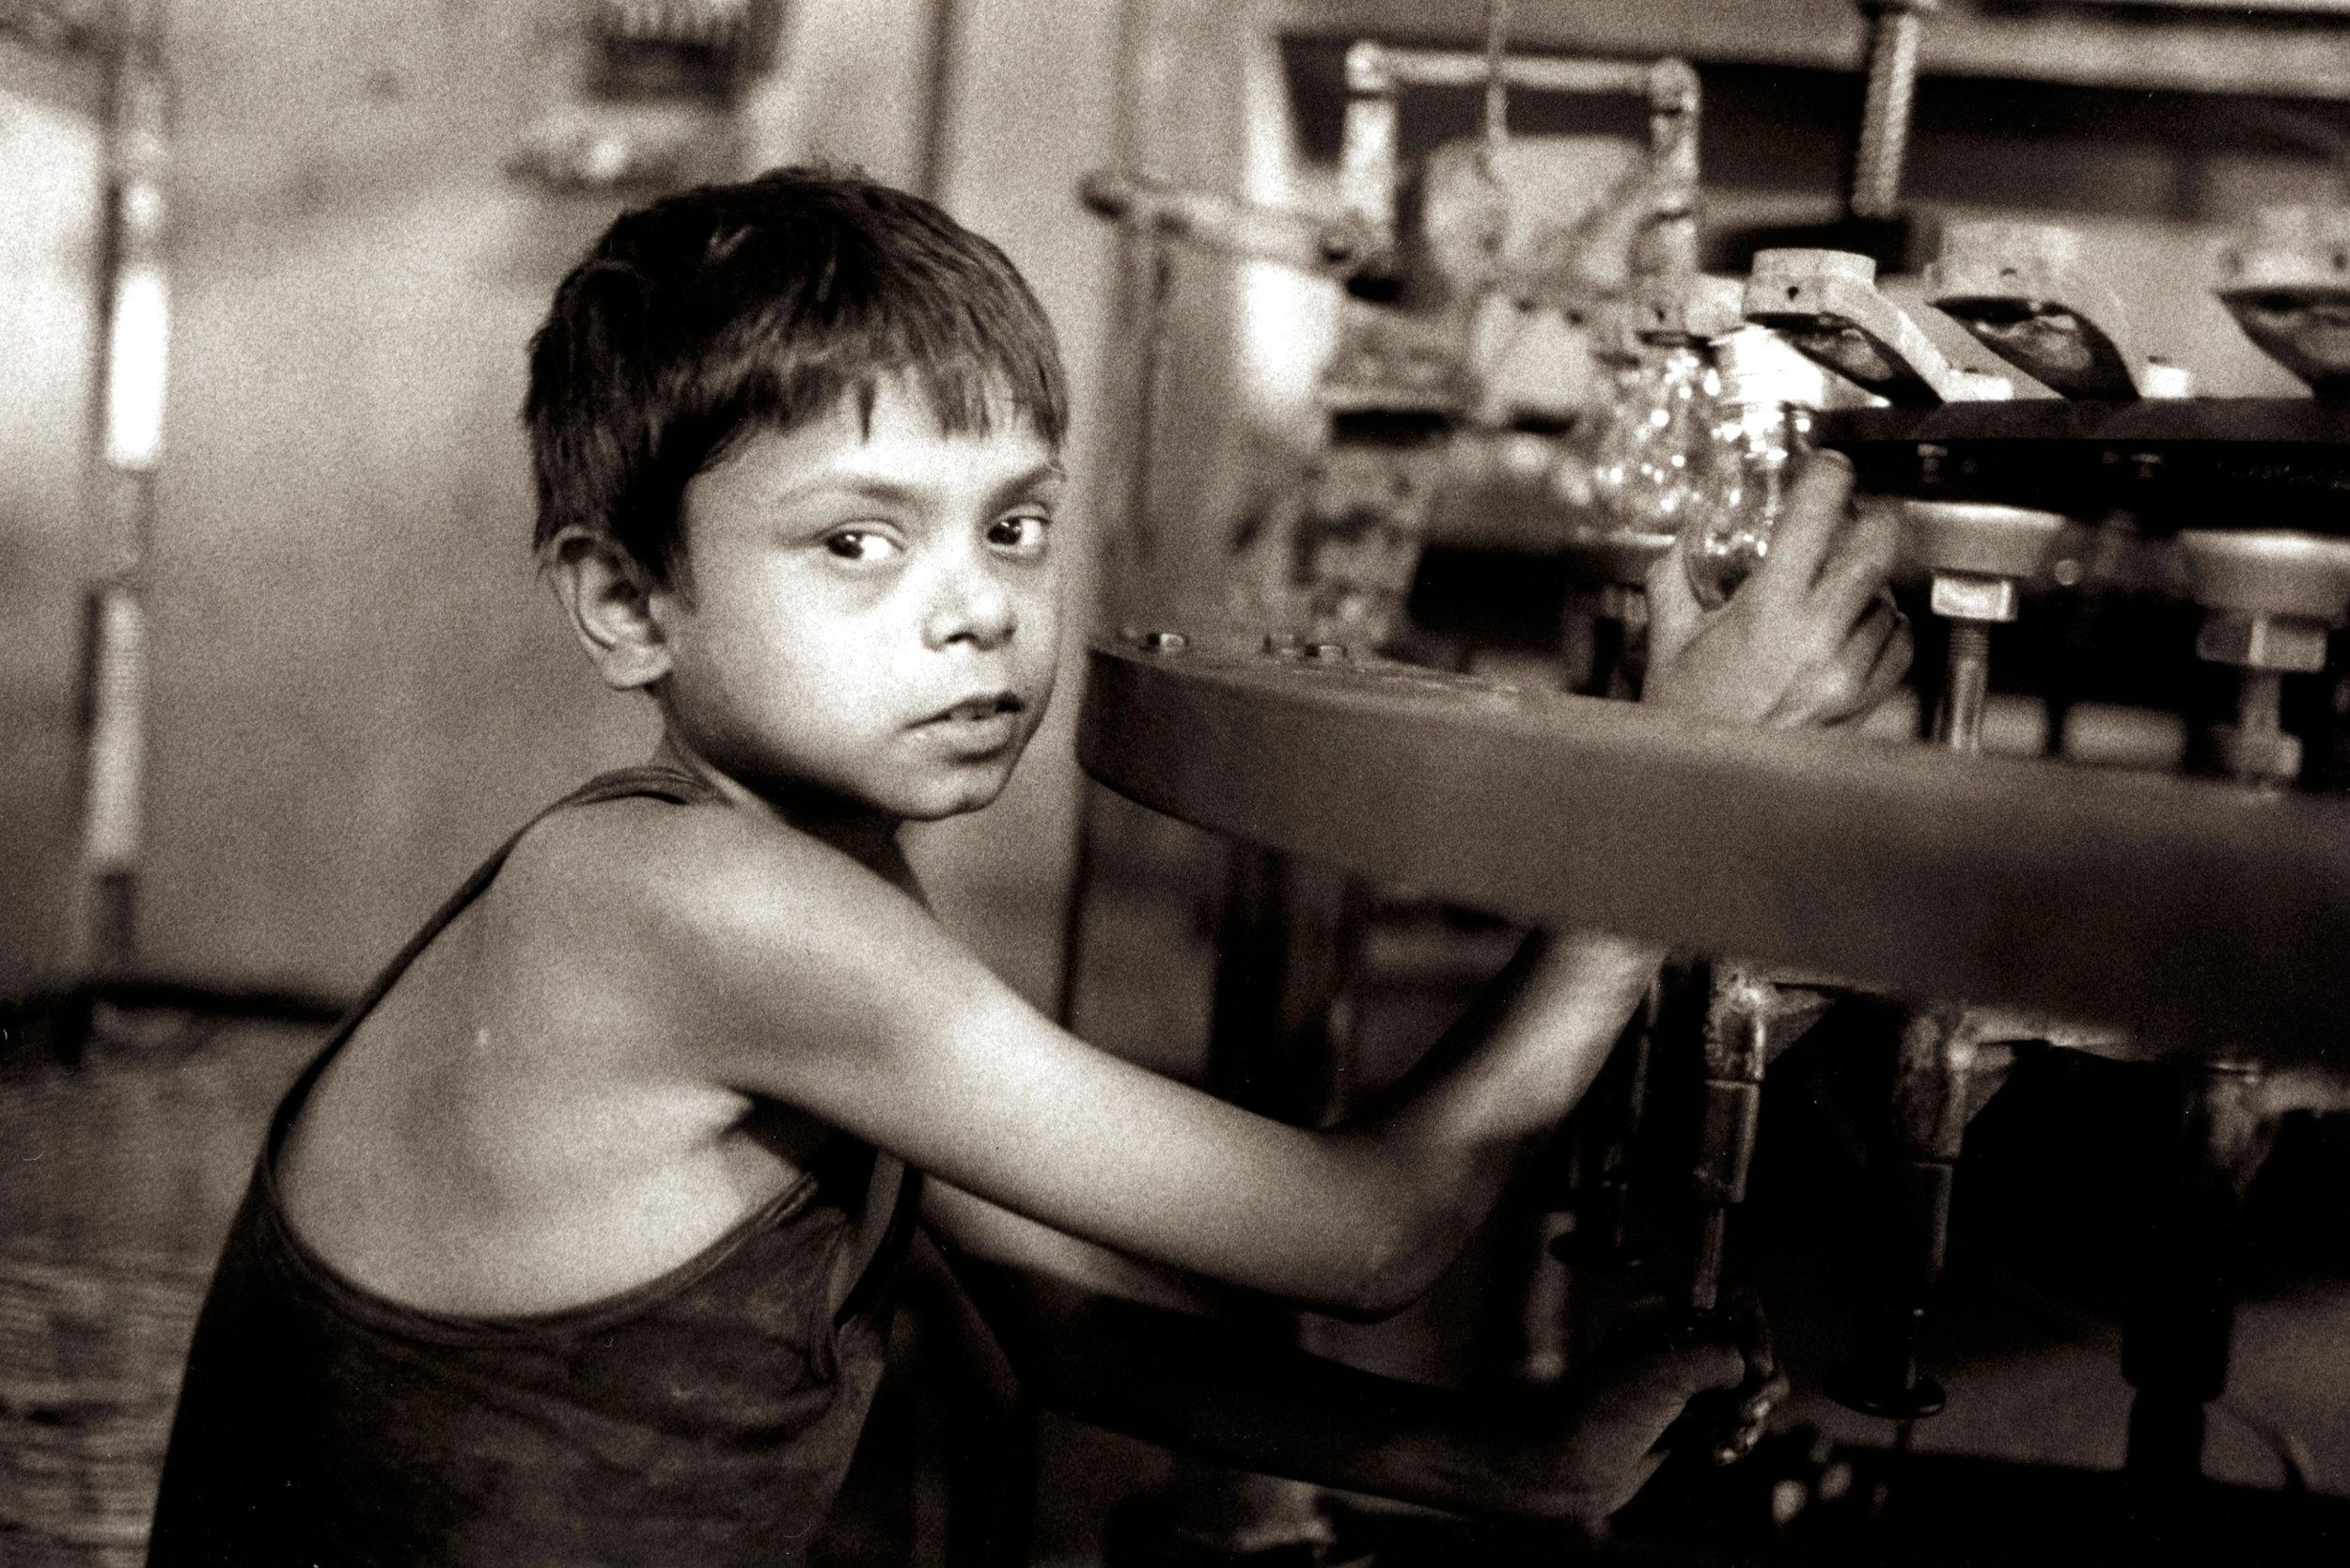 Boy Laborer